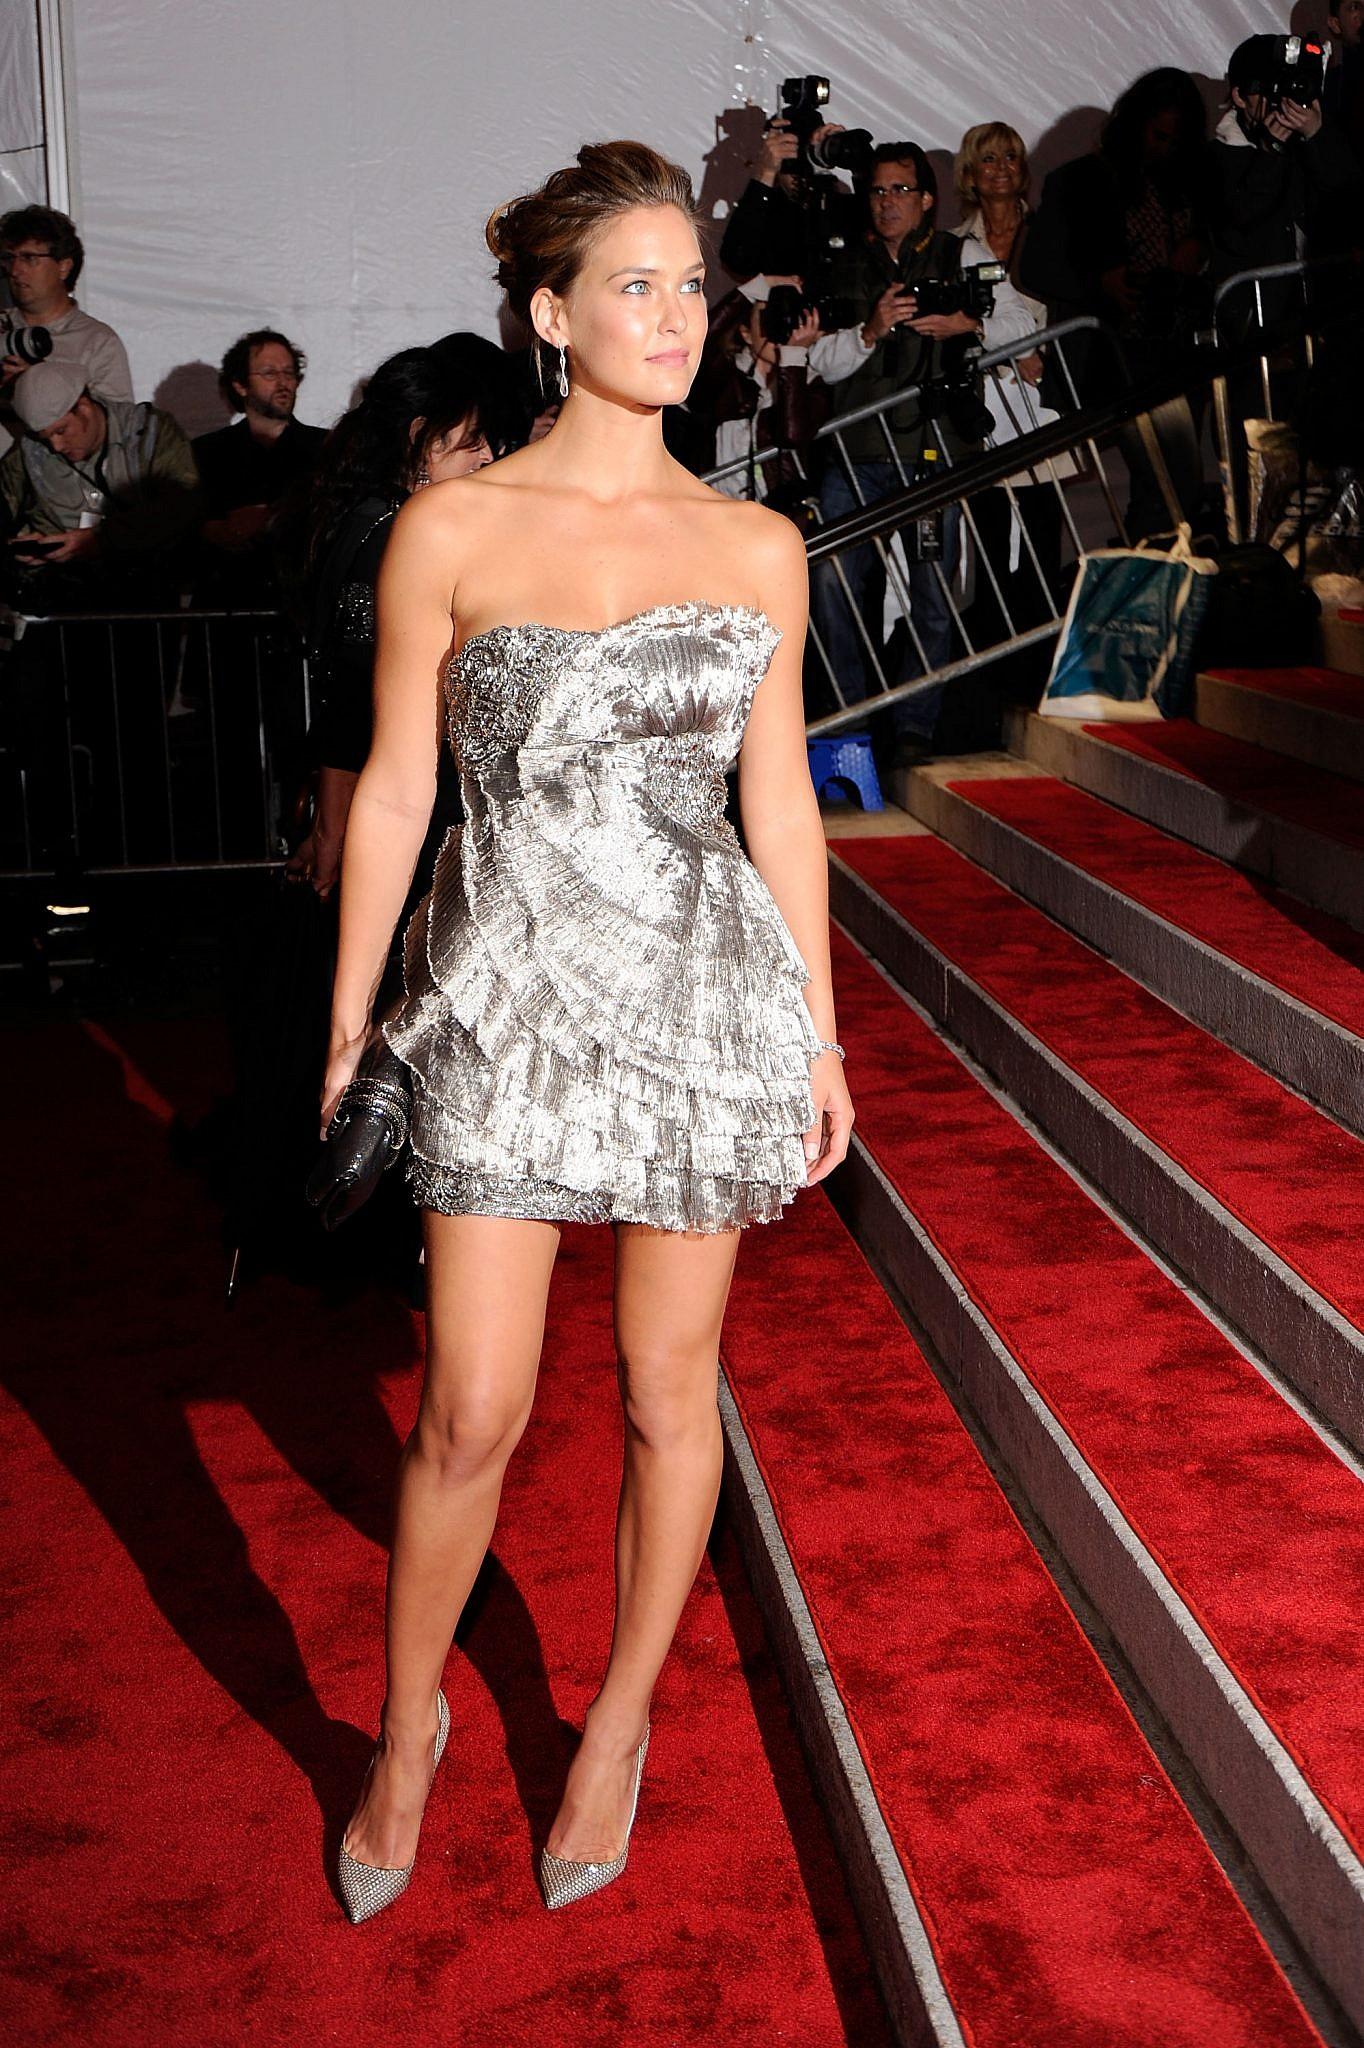 אם בשמלה הקודמת היה לנו עודף בד, הרי שכאן מדובר בבעיה ההפוכה: רפאלי בשמלת סופר-מיני של רוברטו קוואלי במט גאלה, 2009   צילום: Larry Busacca/Getty Images